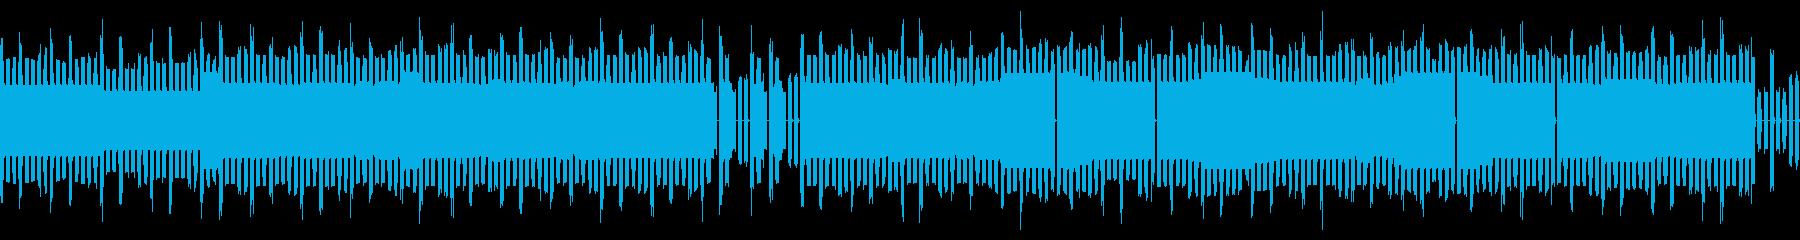 セガハード音源ベースのチップチューンですの再生済みの波形